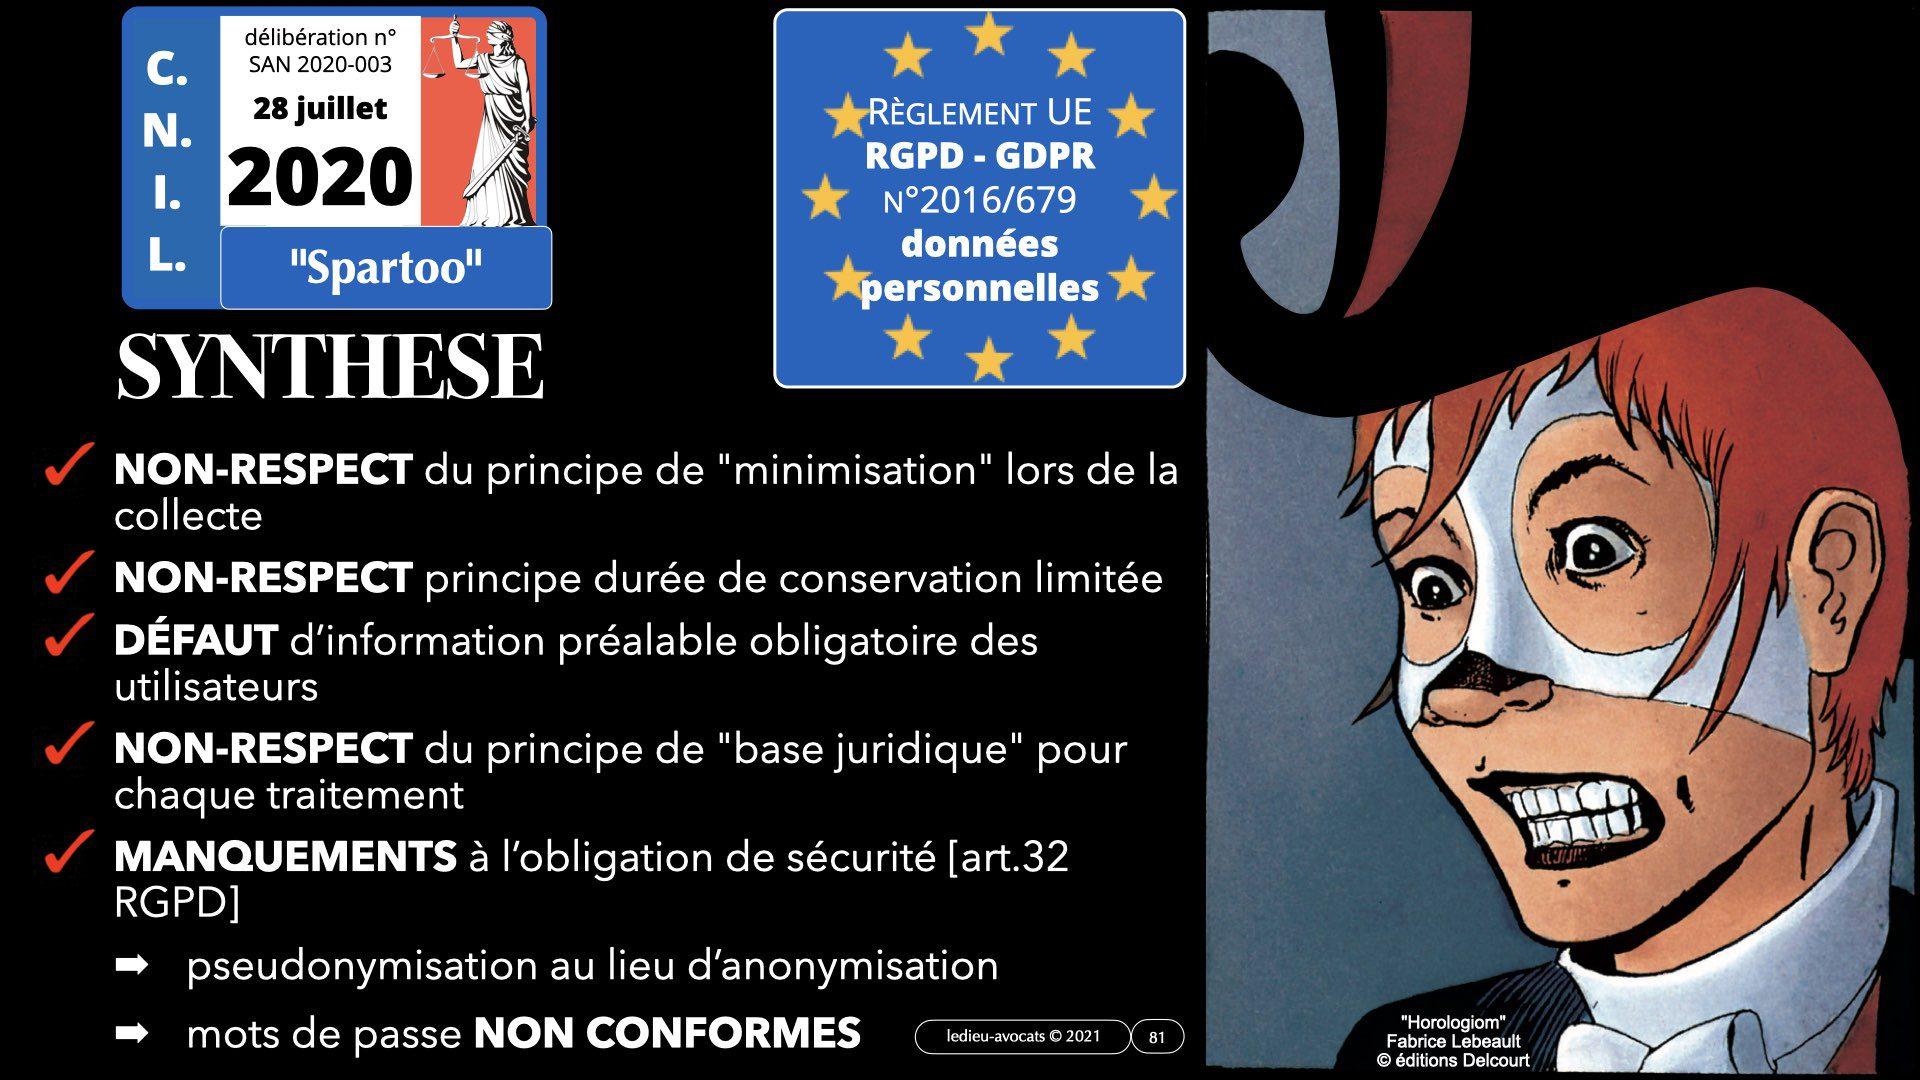 342 droit mot de passe OIV OSE ANALYSE de RISQUE EBIOS RM © Ledieu-Avocats technique droit numérique 05-09-2021.011